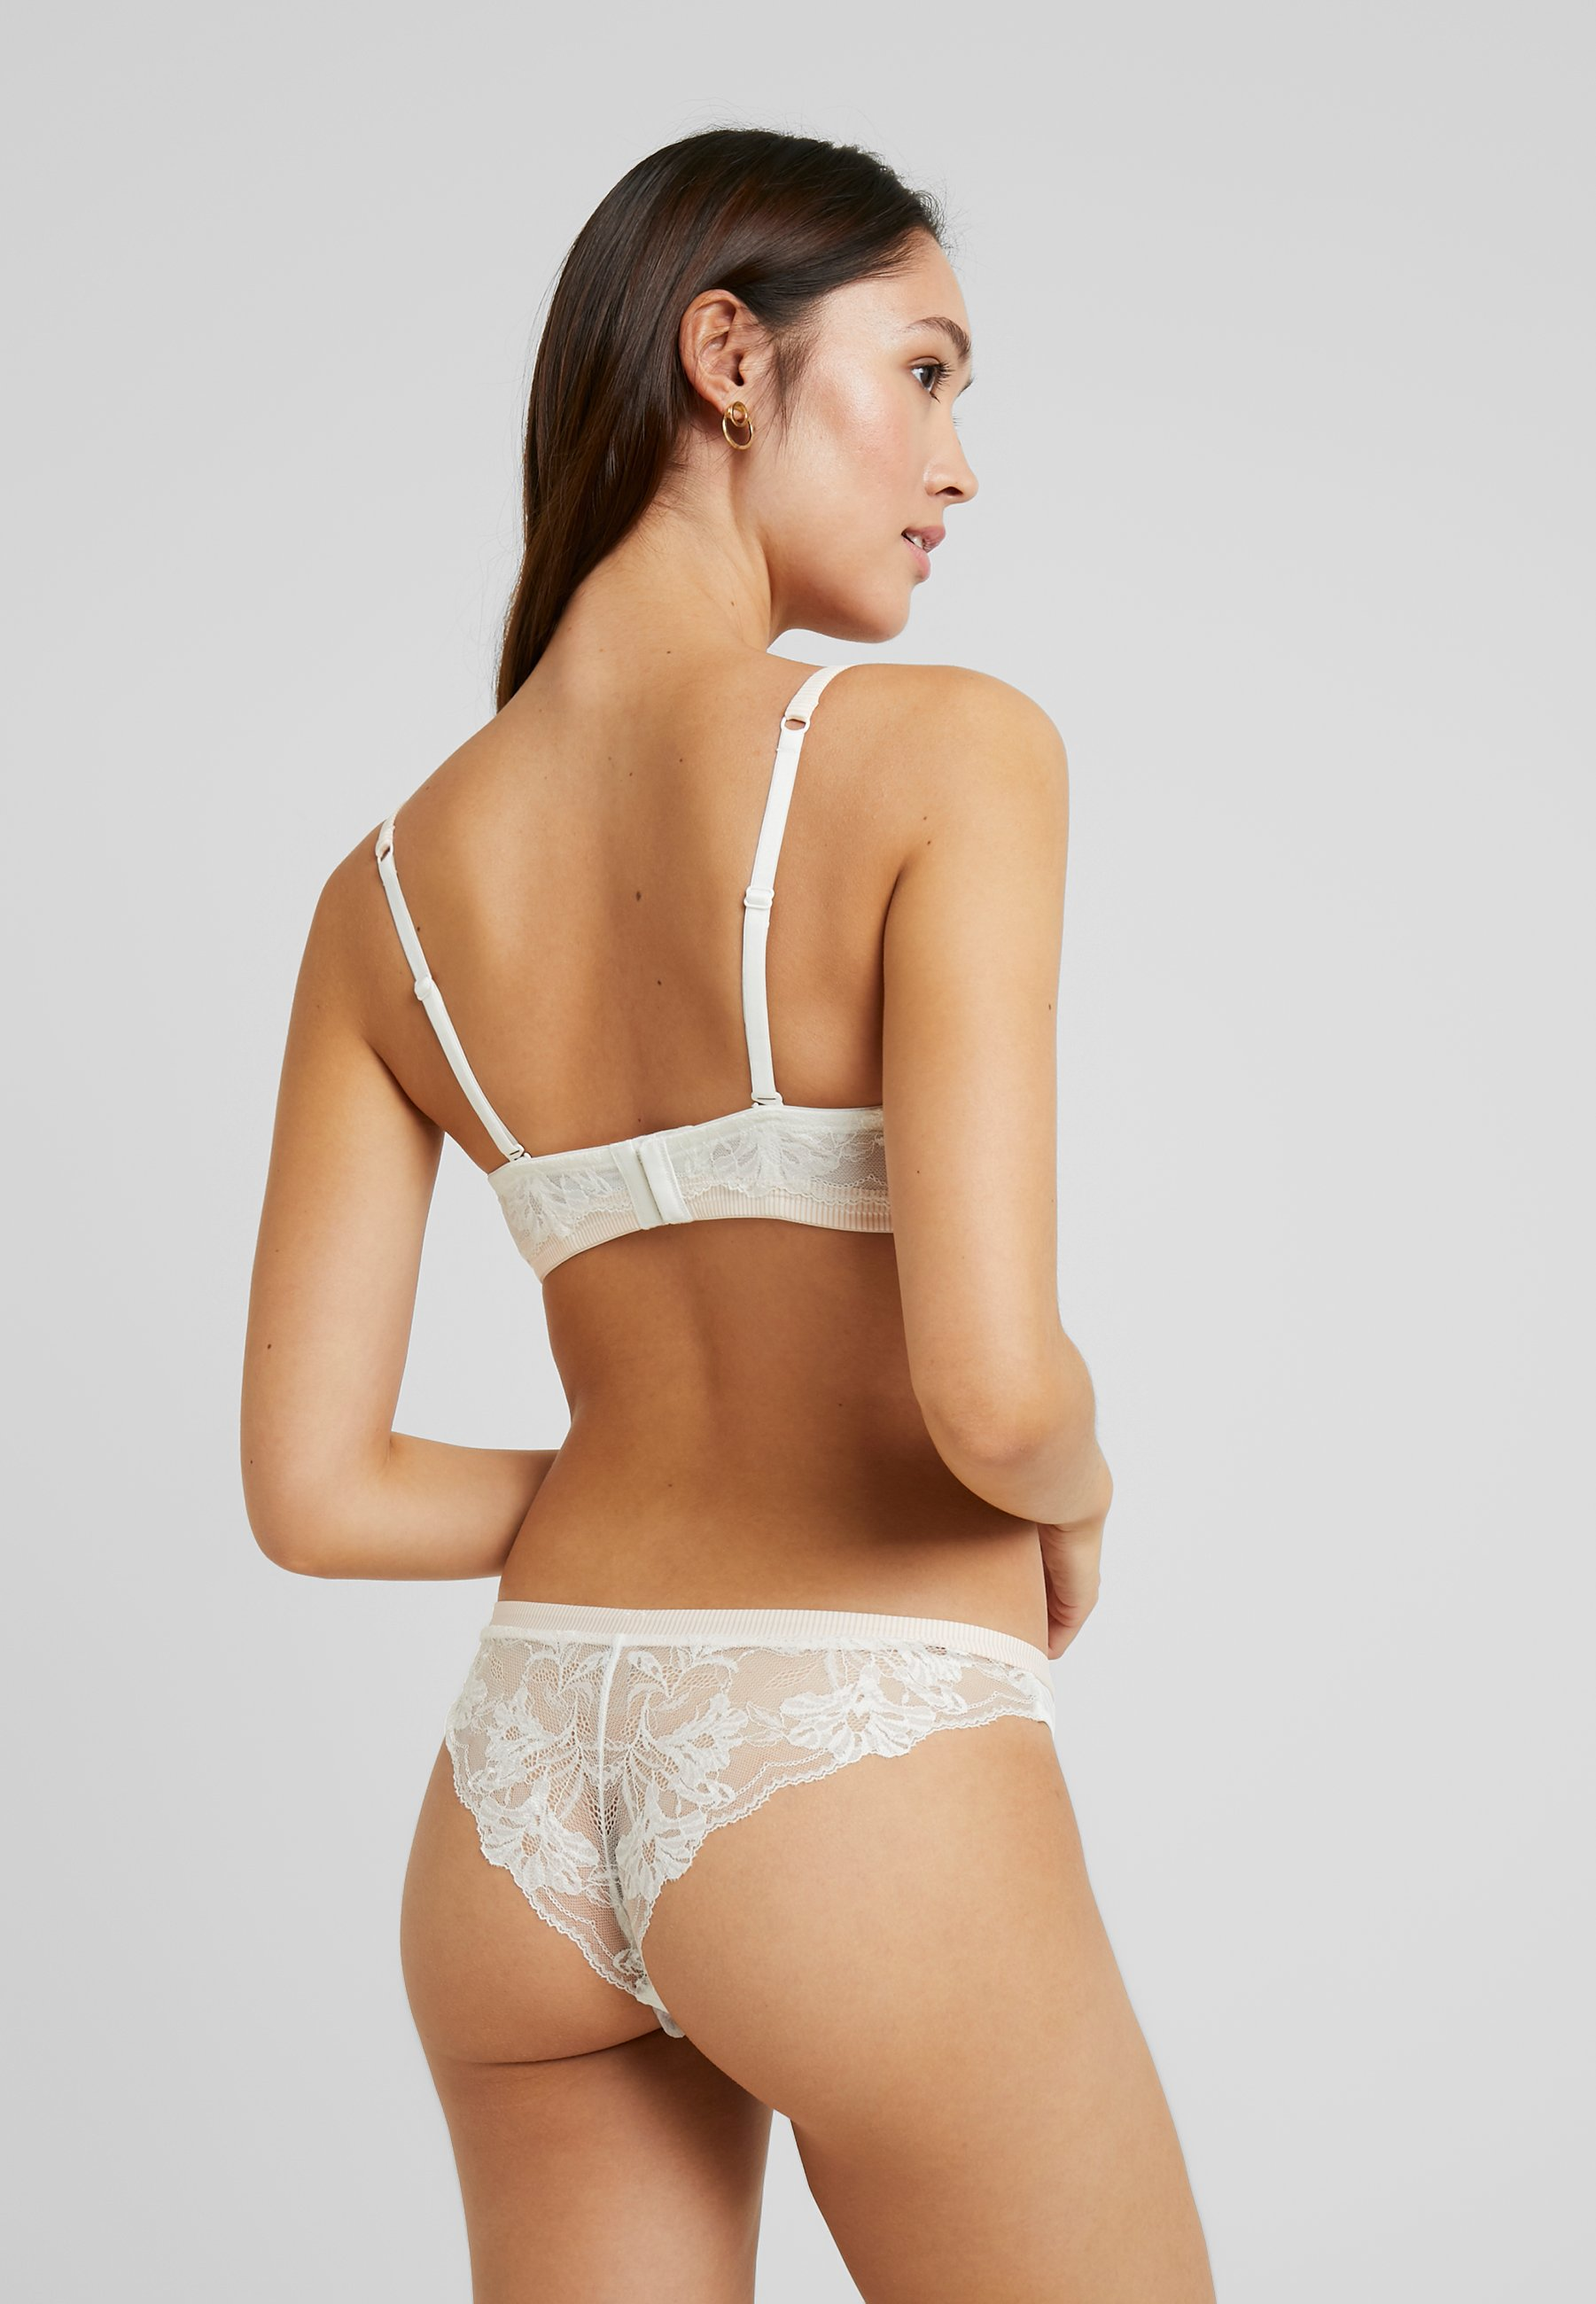 Women MACKAY STRAPLESS PADDED - Multiway / Strapless bra